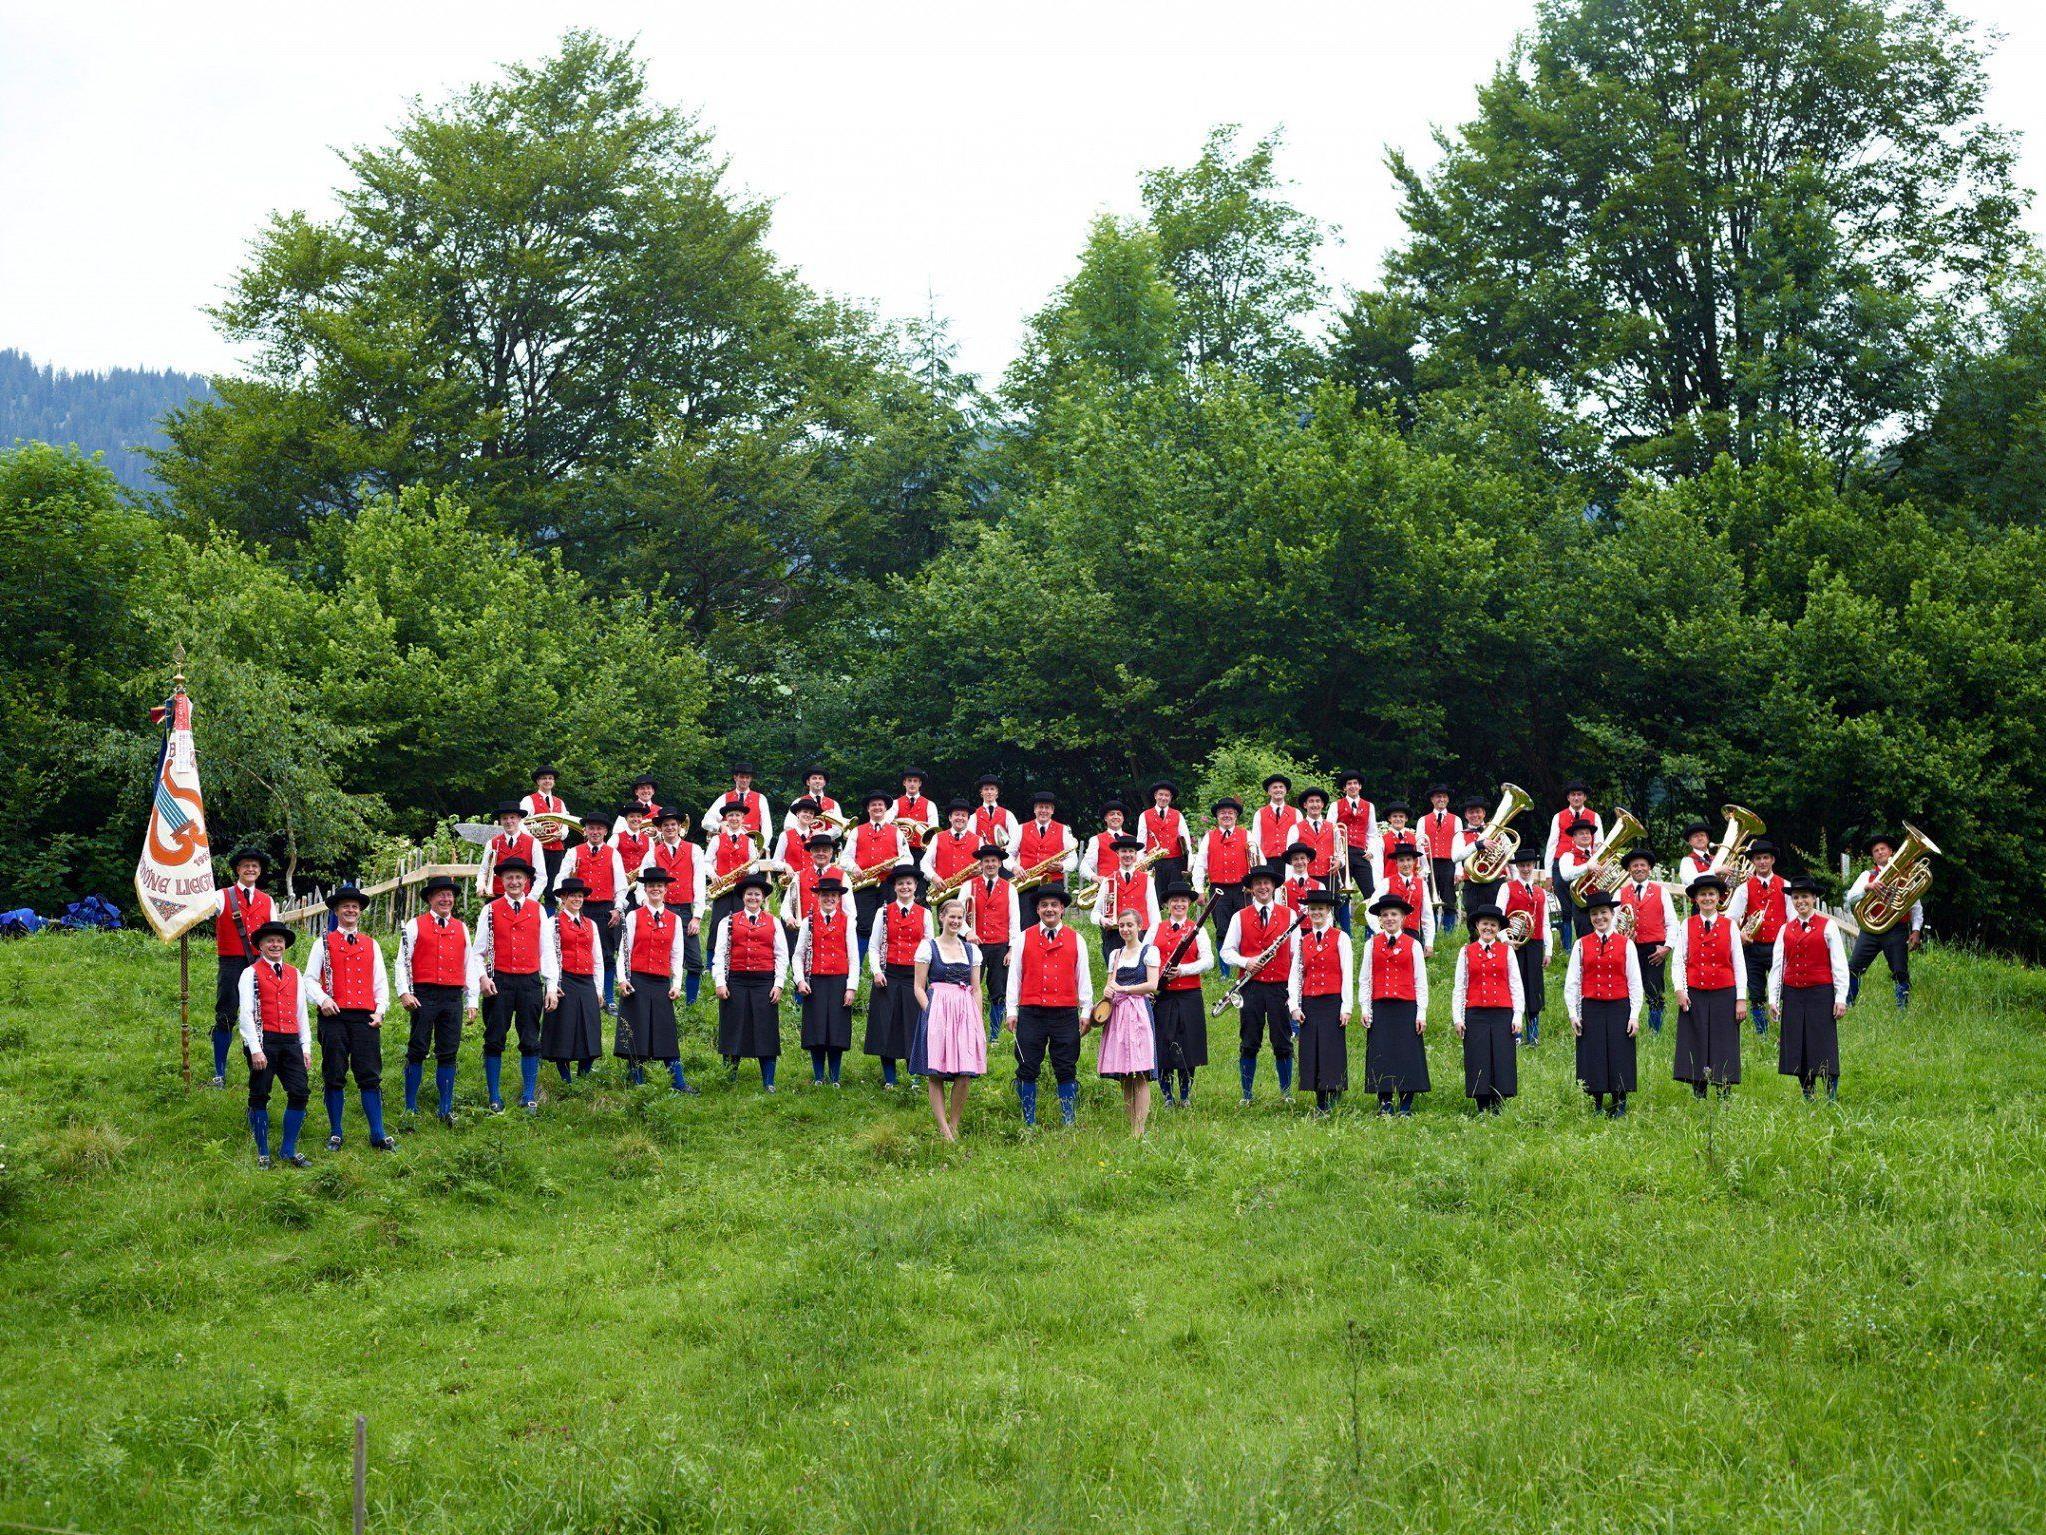 Die Musikanten der Bürgermusik Au freuen sich auf vier unvergessliche Tage